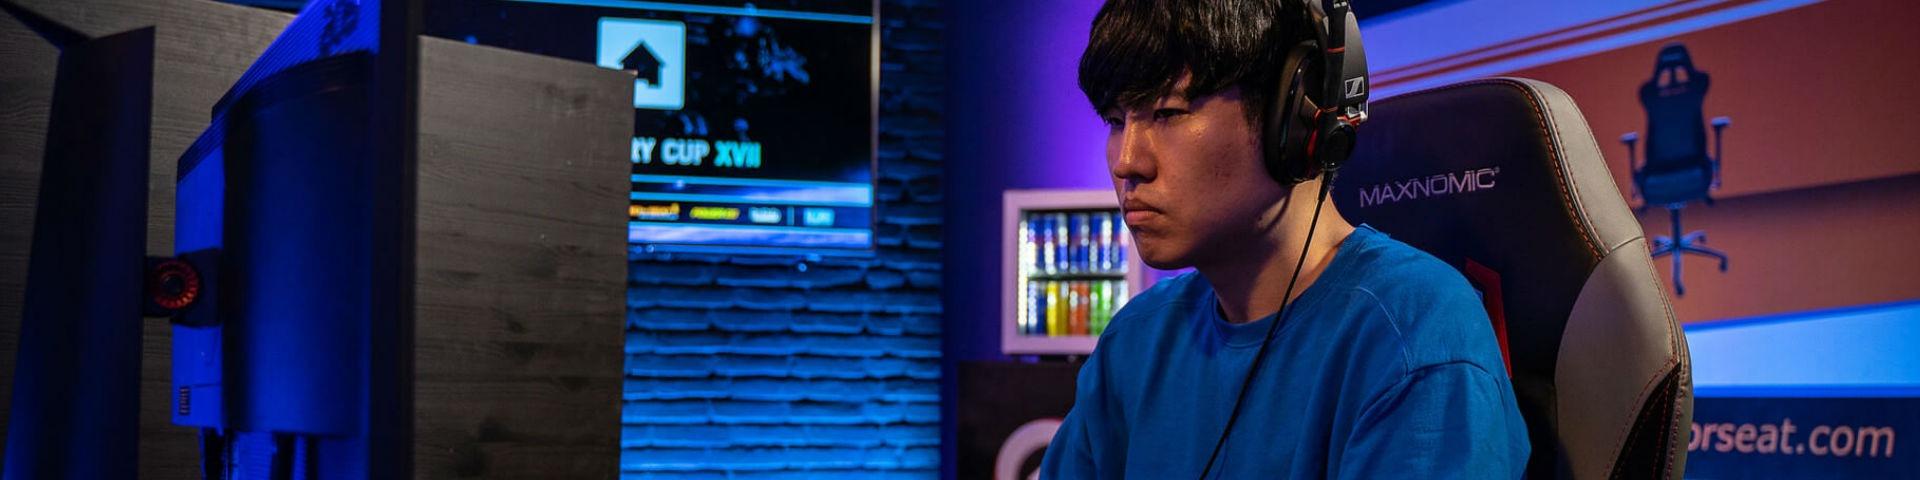 БК «Париматч»: soO победит на 2019 GSL Super Tournament 2